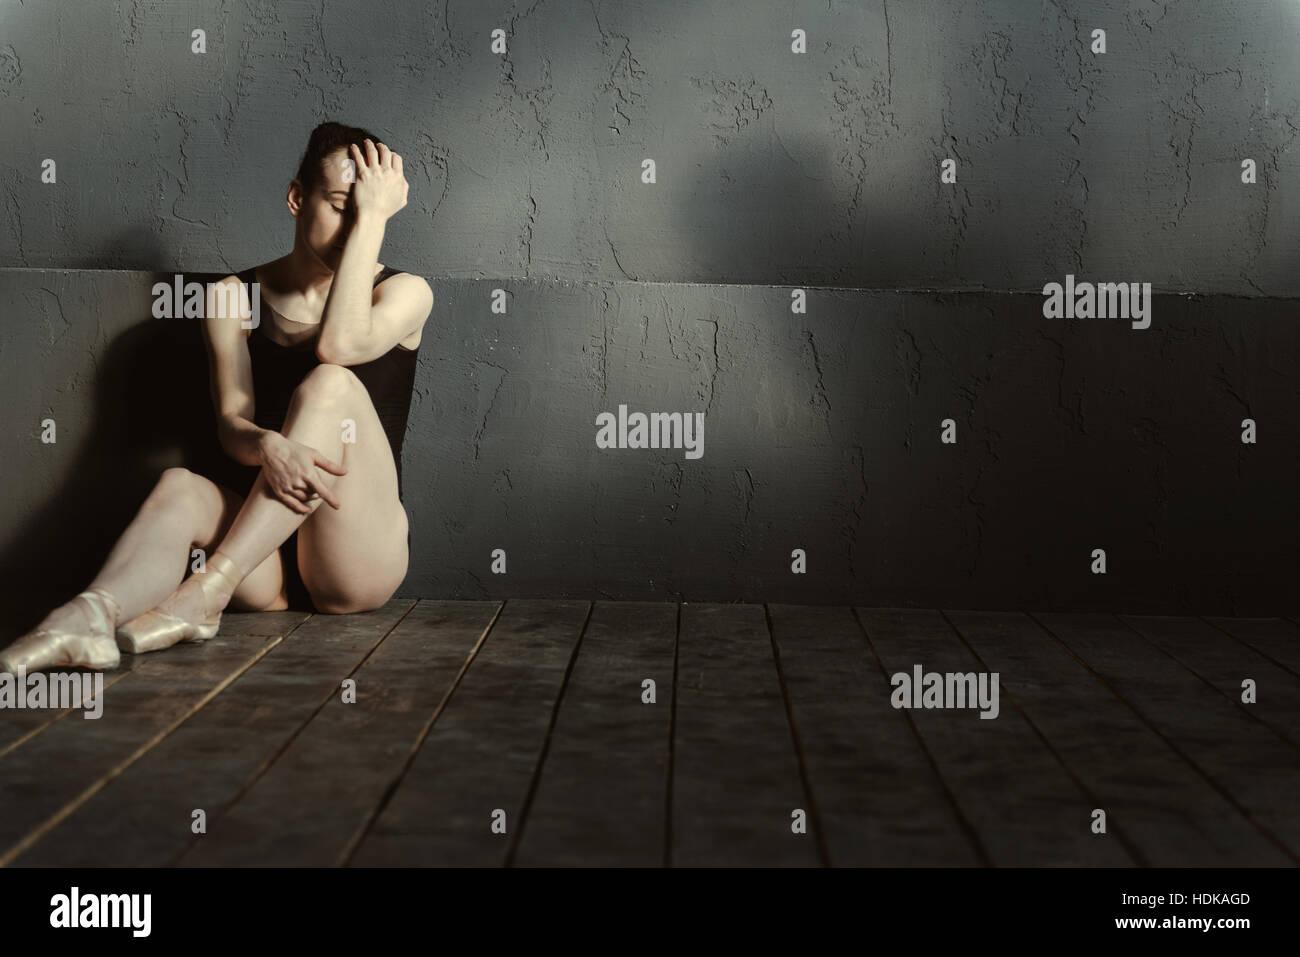 Deluso ballerina seduta nella buia stanza illuminata Immagini Stock